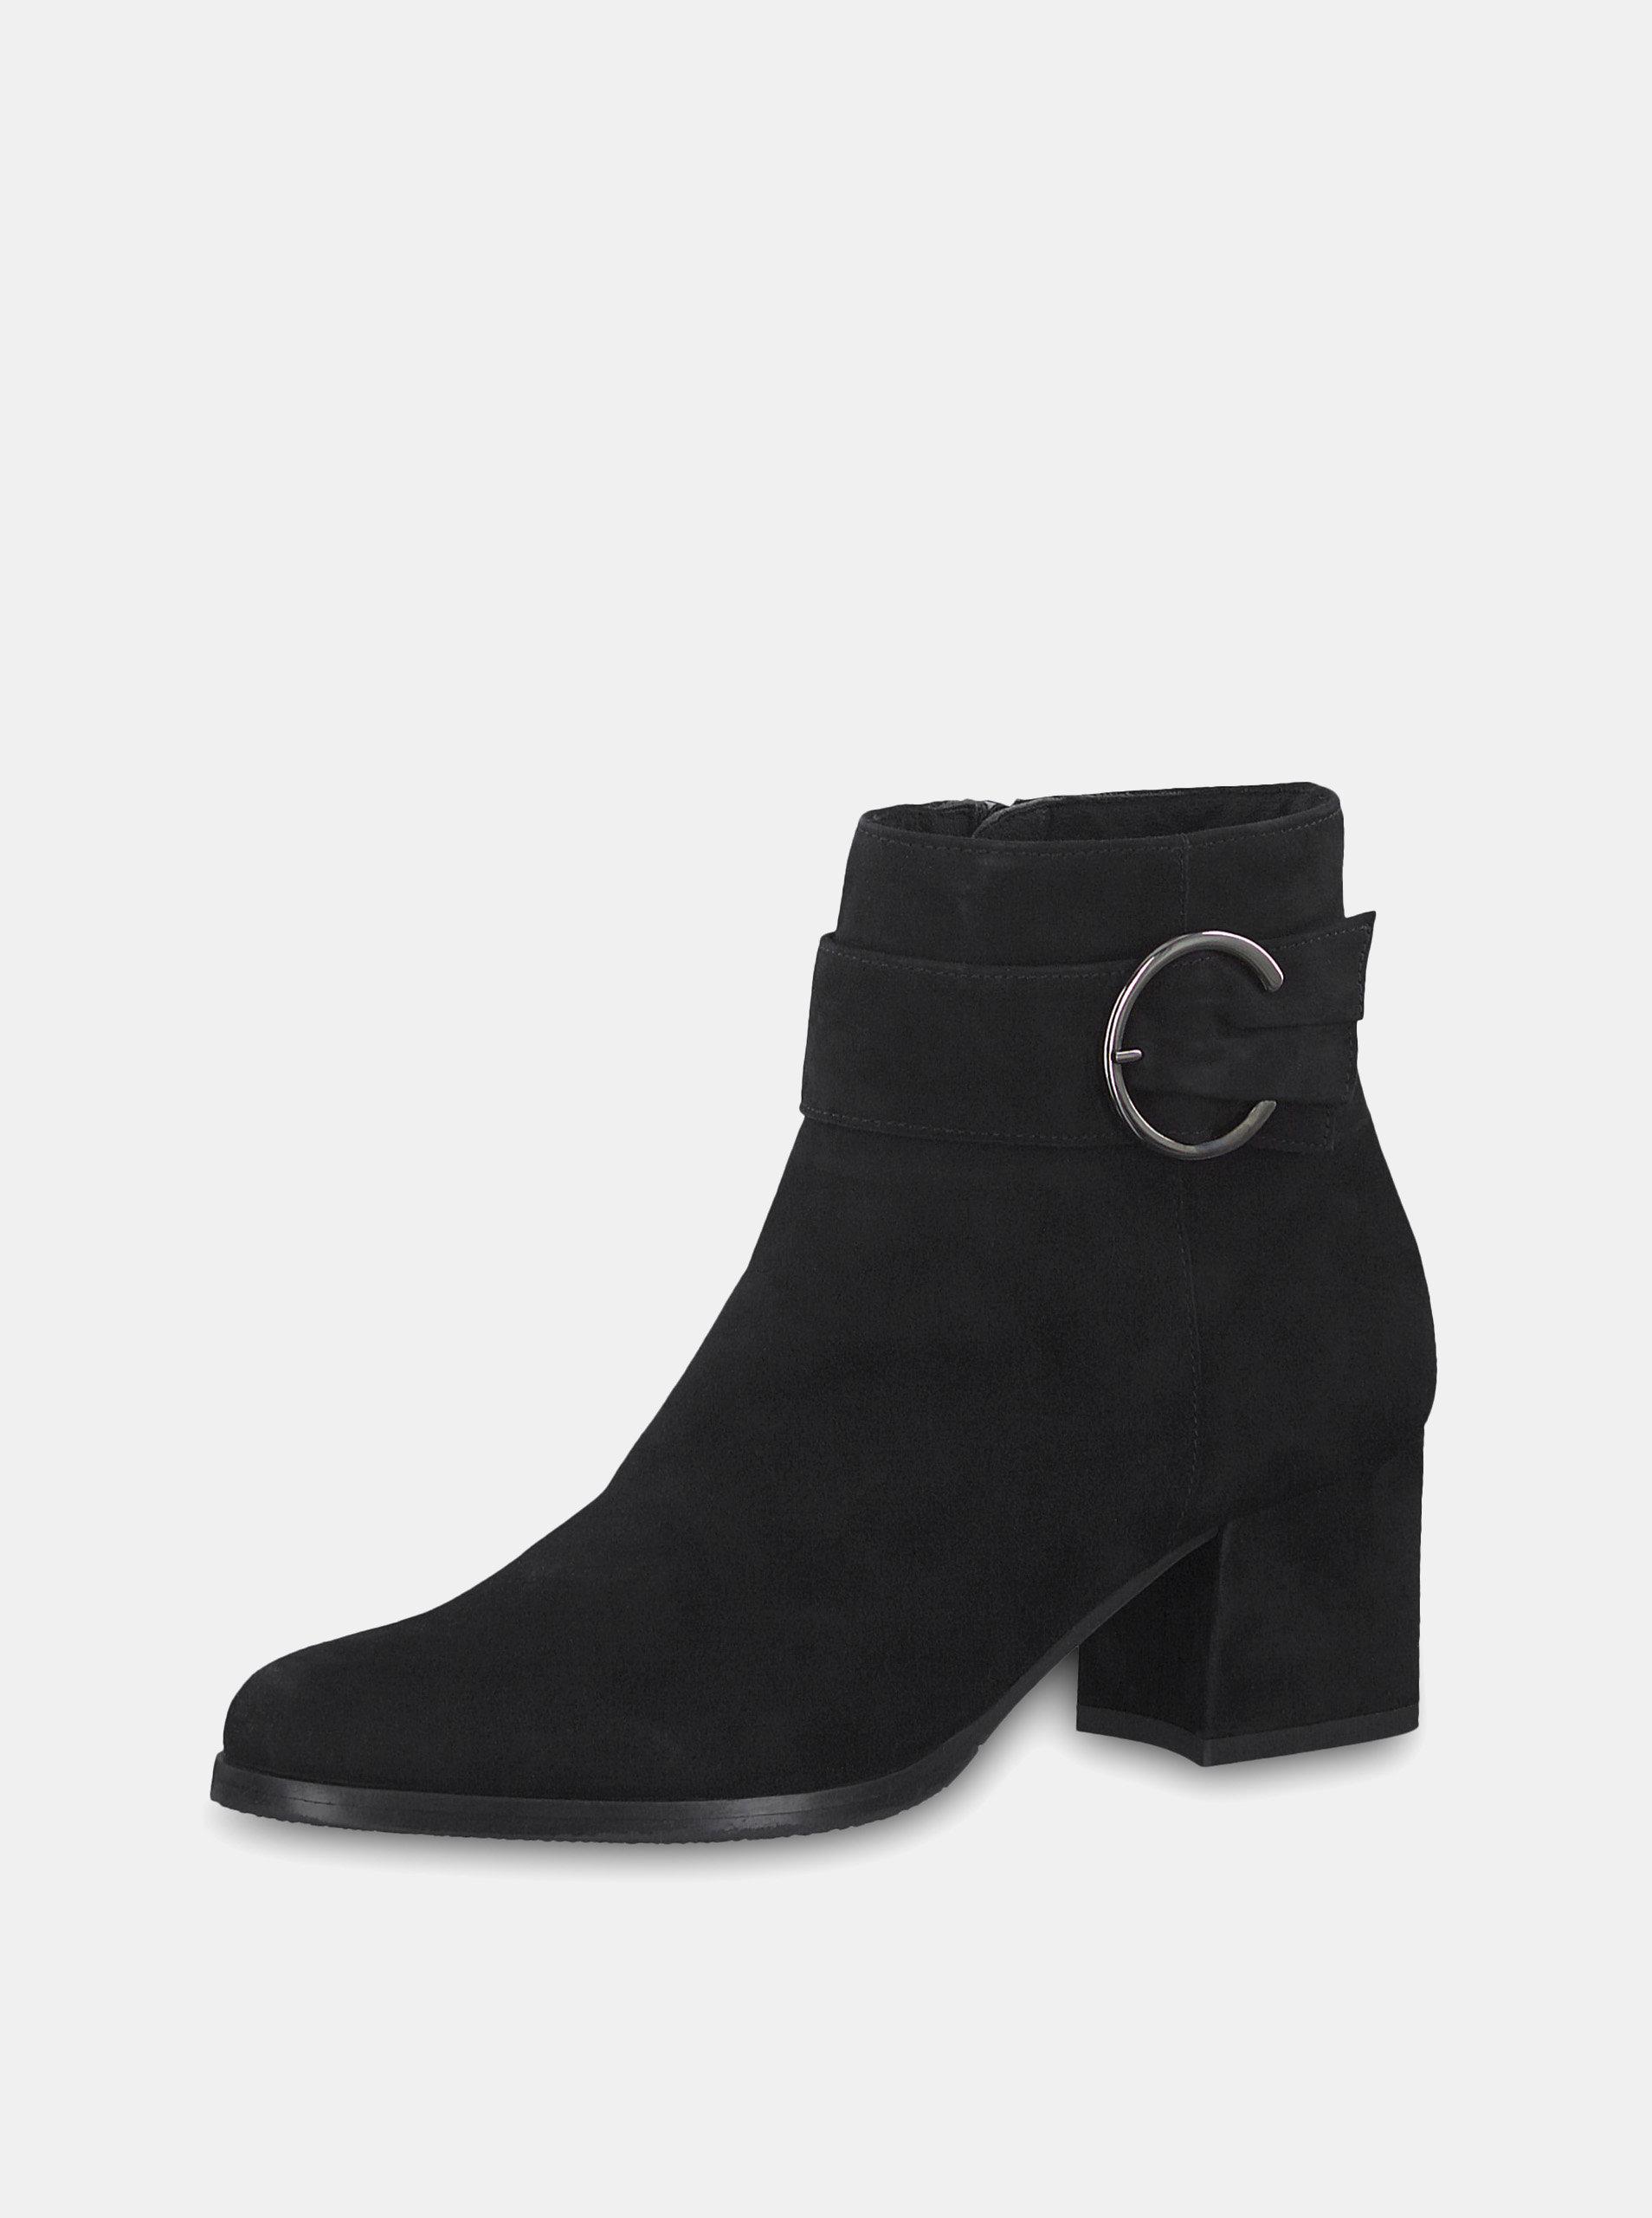 351b77415 Čierne semišové členkové topánky na podpätku s ozdobnou prackou Tamaris ...